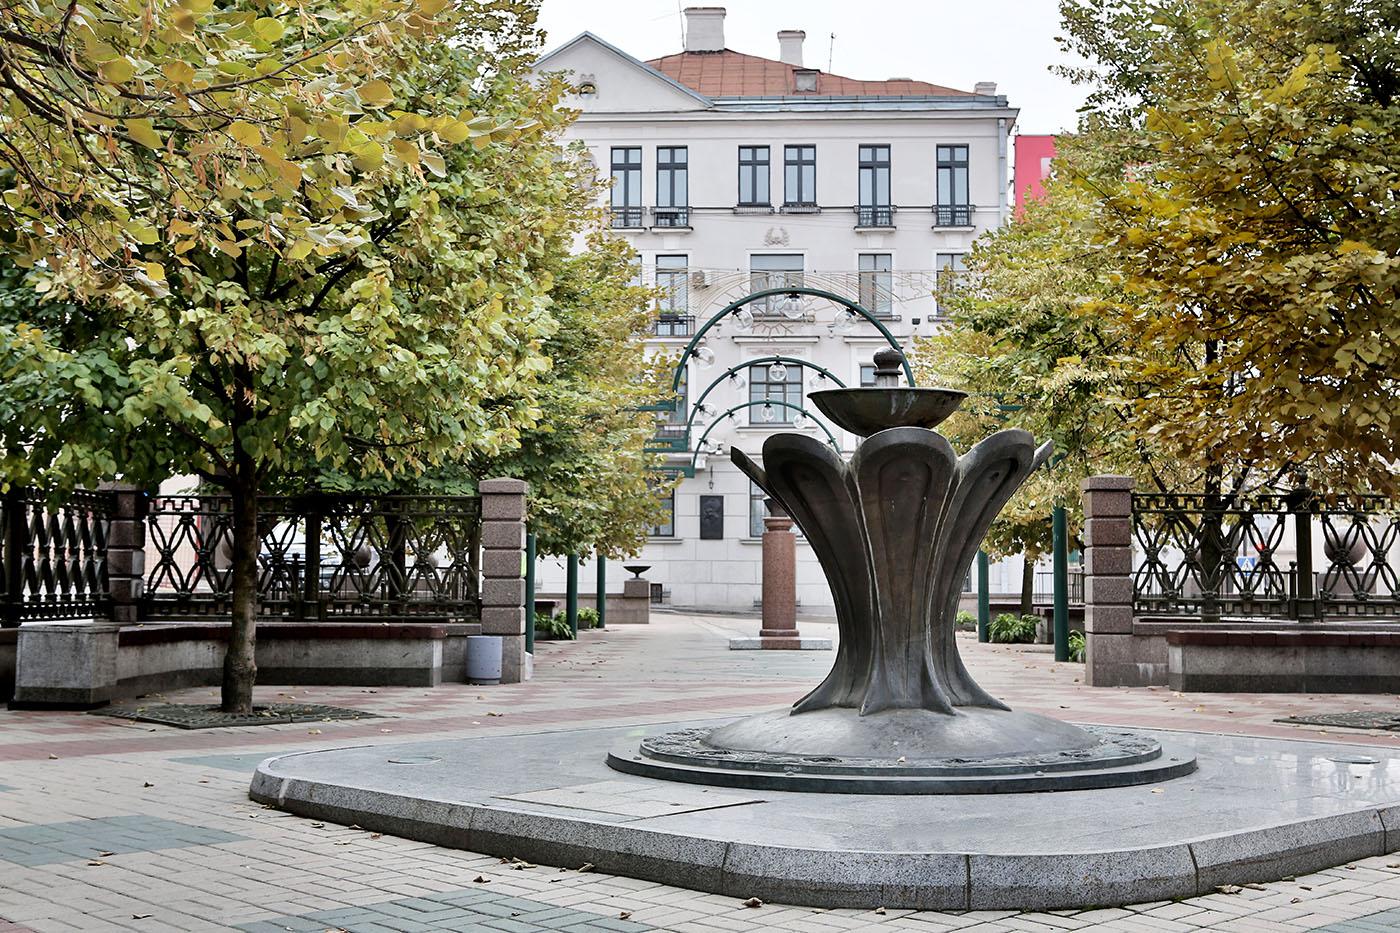 Курсы фотографии в Минске, фотошкола в Минске, фотокурсы